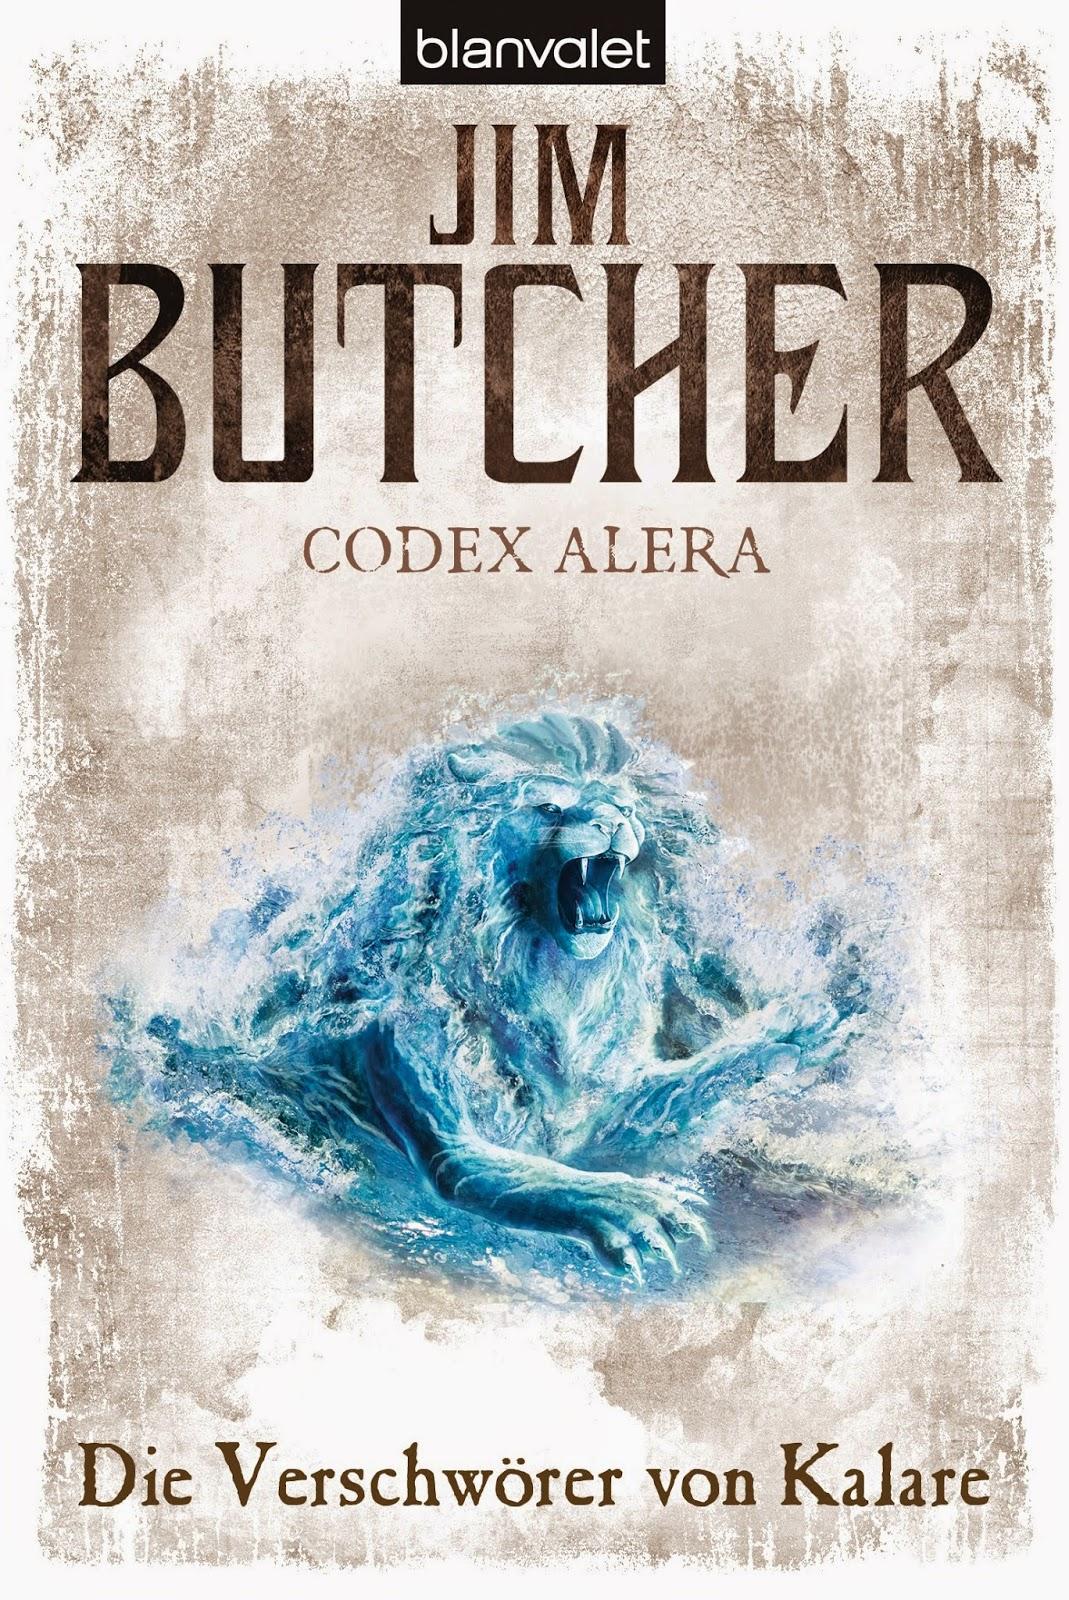 http://www.randomhouse.de/Taschenbuch/Codex-Alera-3-Die-Verschwoerer-von-Kalare/Jim-Butcher/e454285.rhd